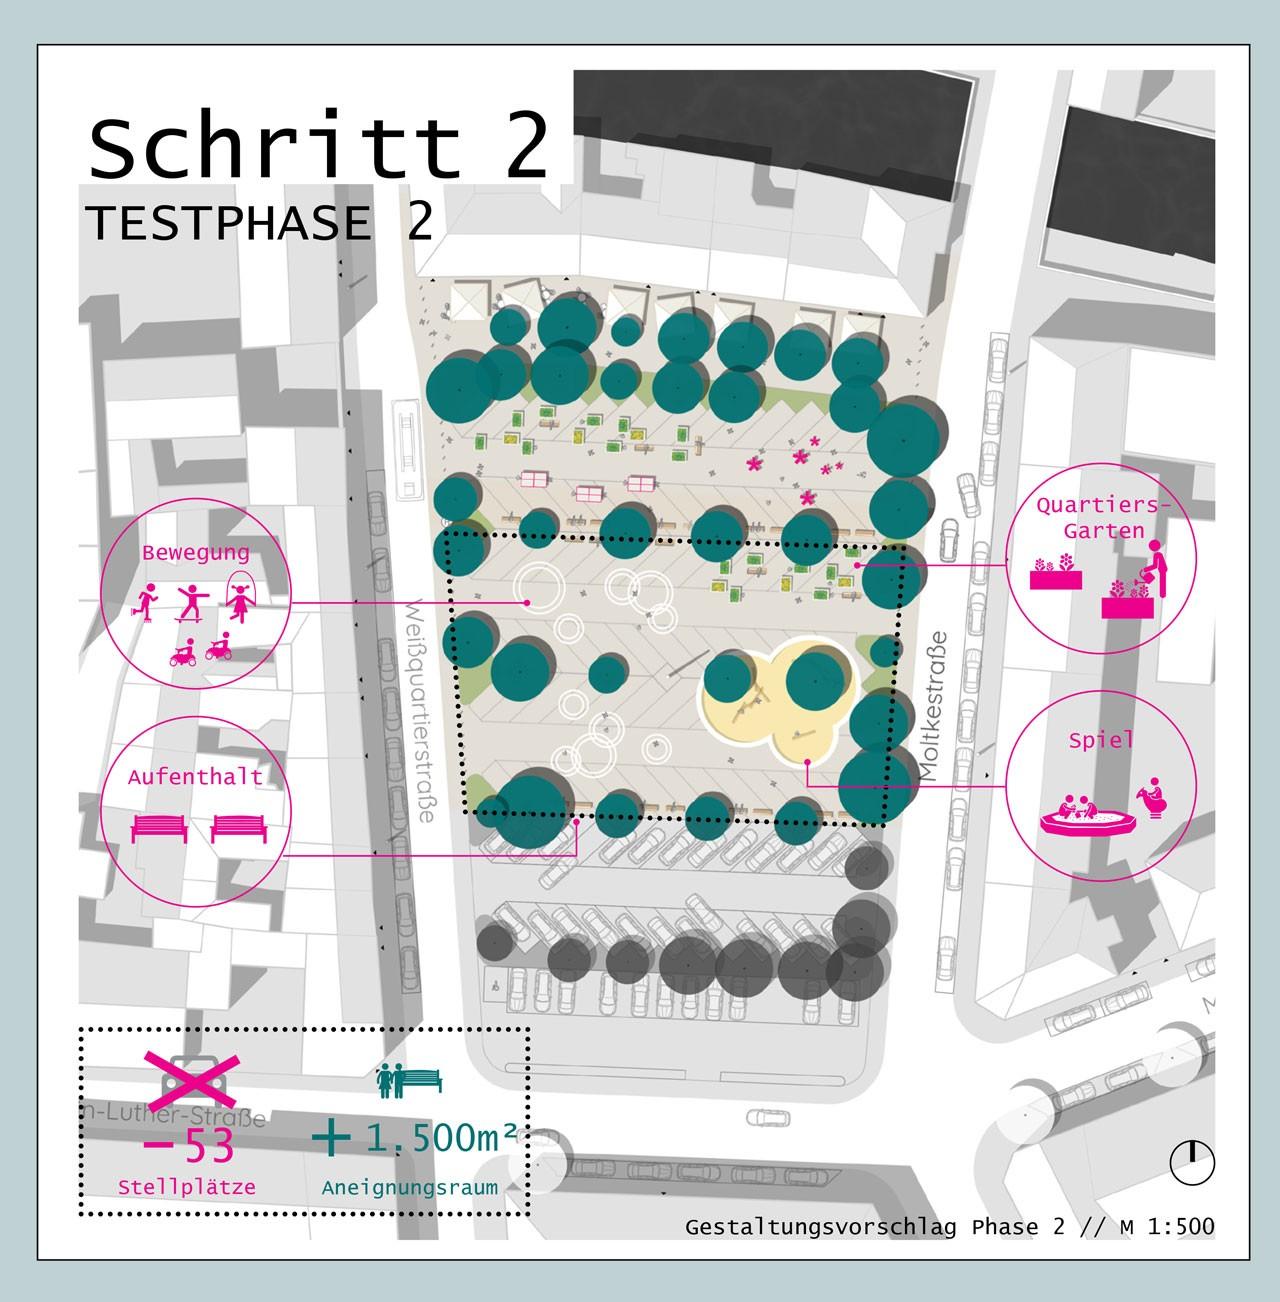 Drei Eins – Architektur- und Stadtplanungsbüro in Frankfurt // Neugestaltung Weißquartierplatz Landau